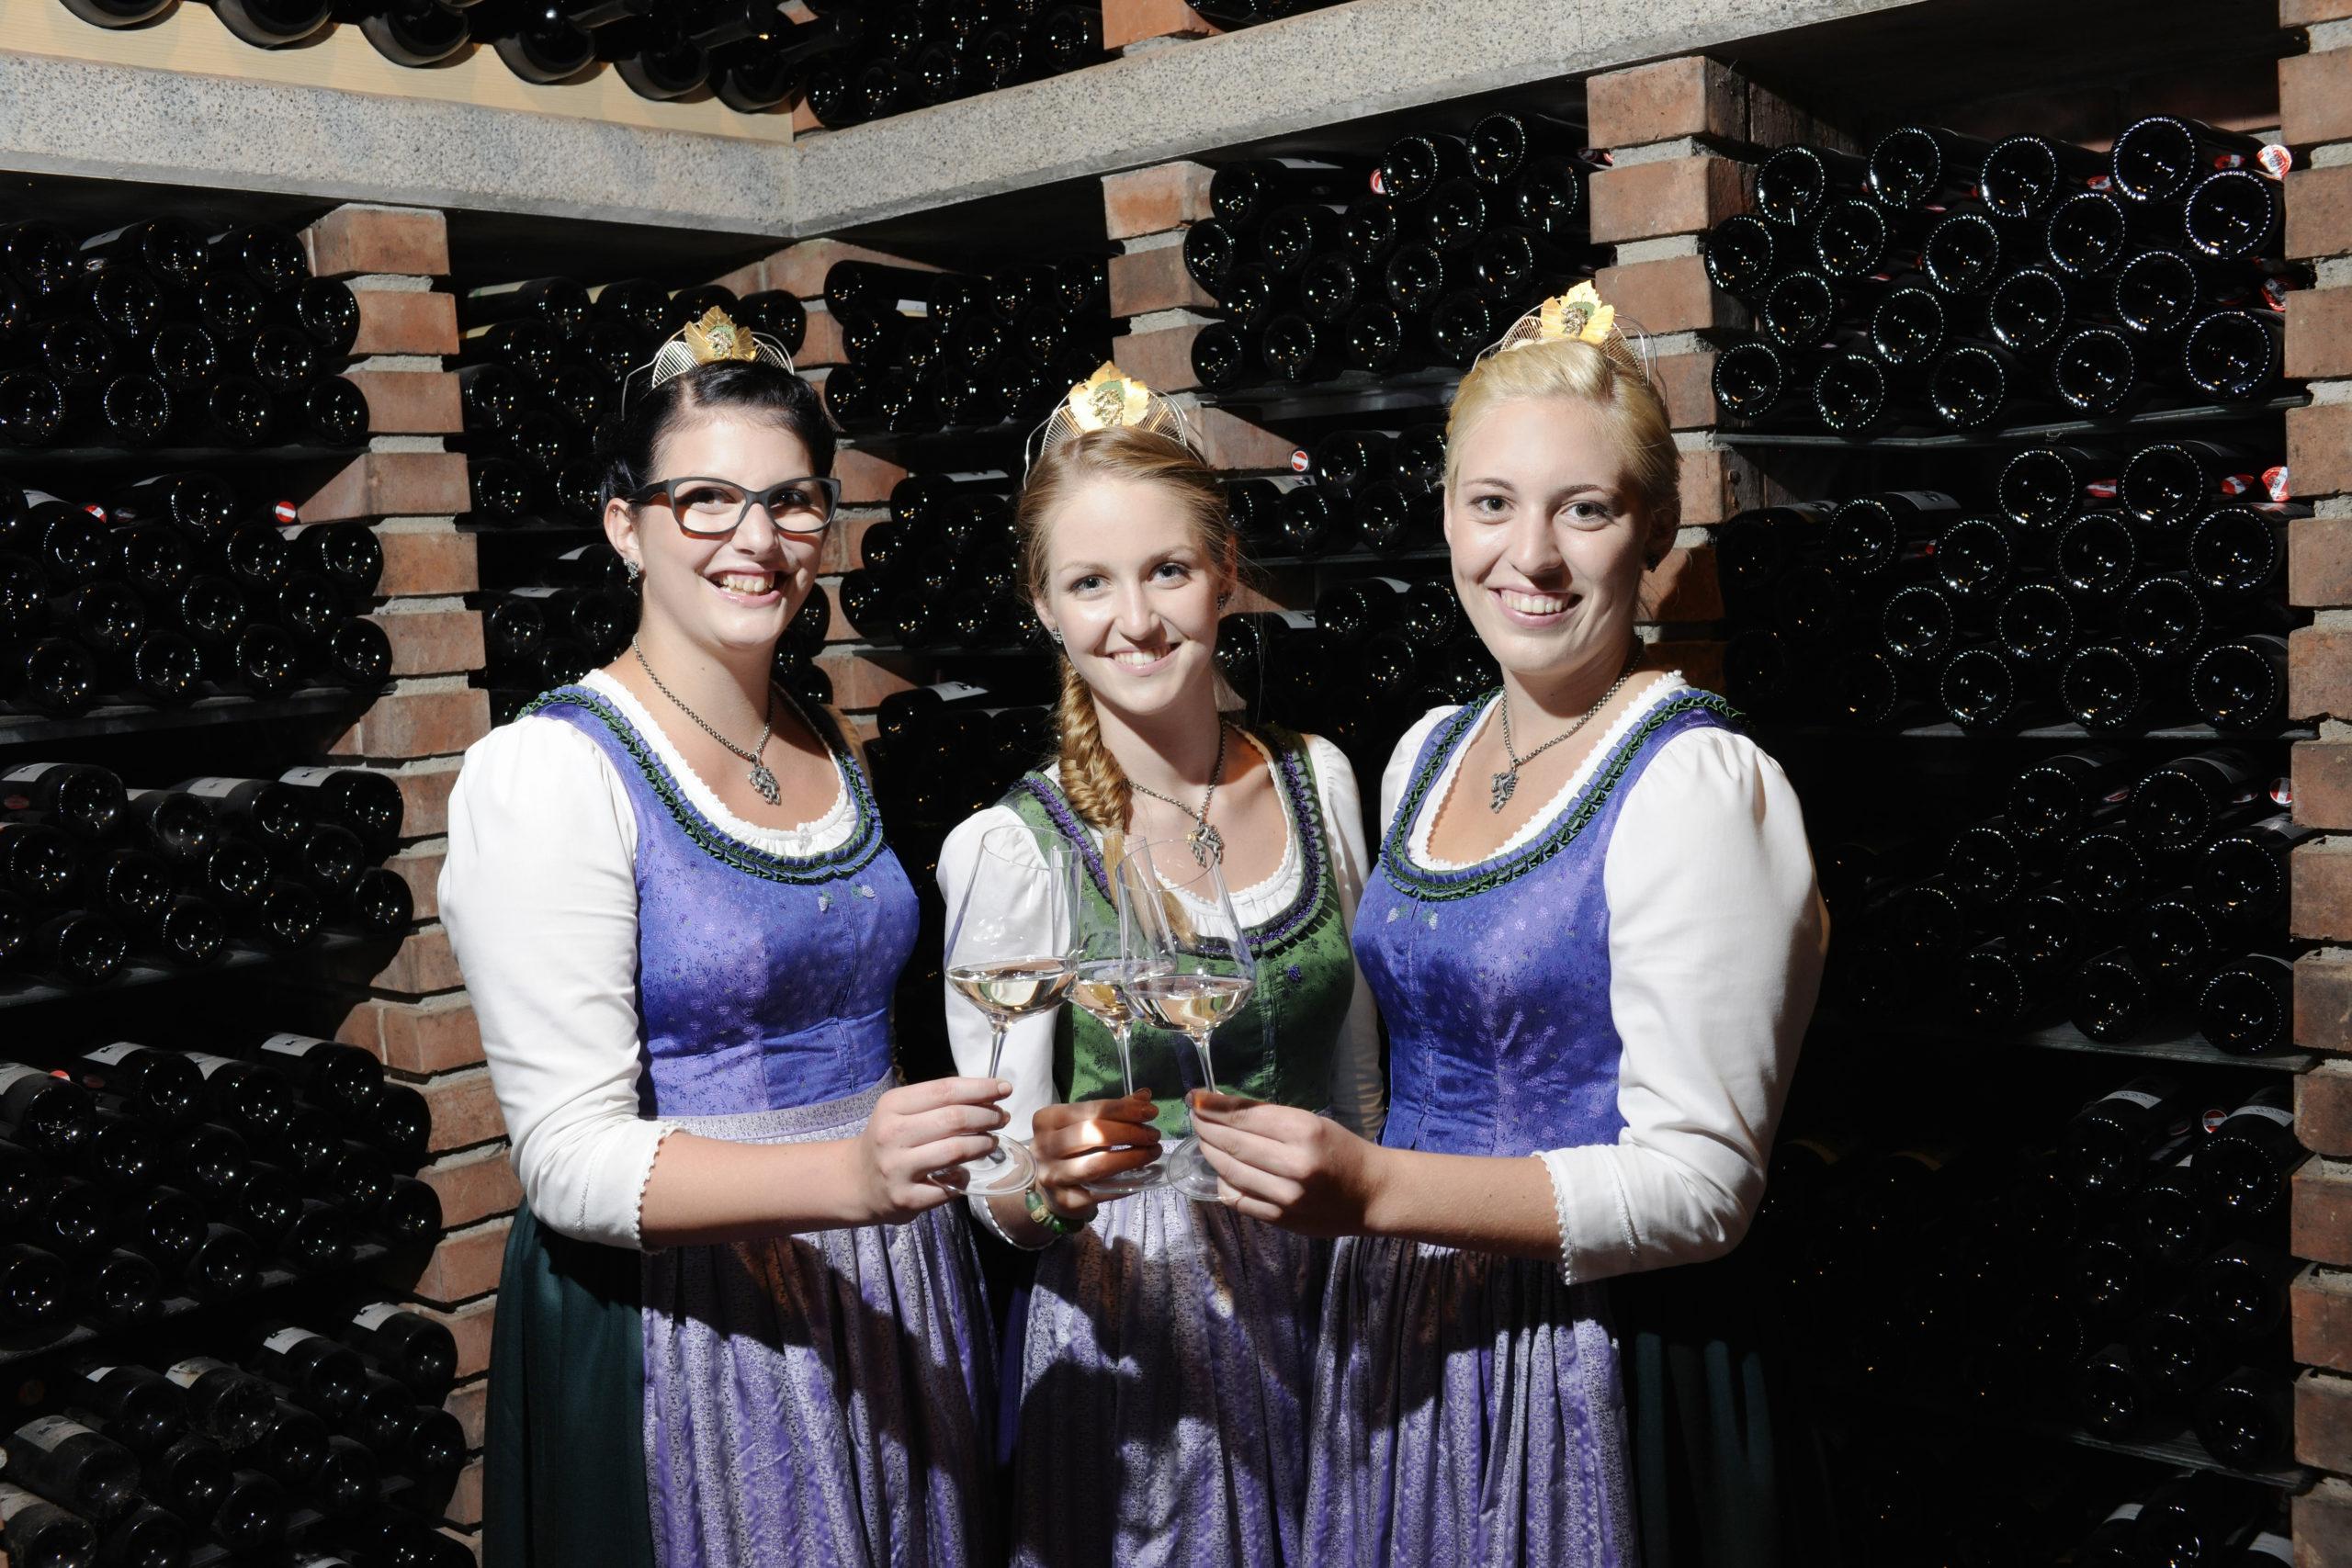 Weinhoheiten 2015-2017 Elisabeth Kohl Weinhof Kohl | Großwilfersdorf Johanna Resch Weingut Resch | Deutschlandsberg Madeleine Legat Weingut Pilch | Ehrenhausen